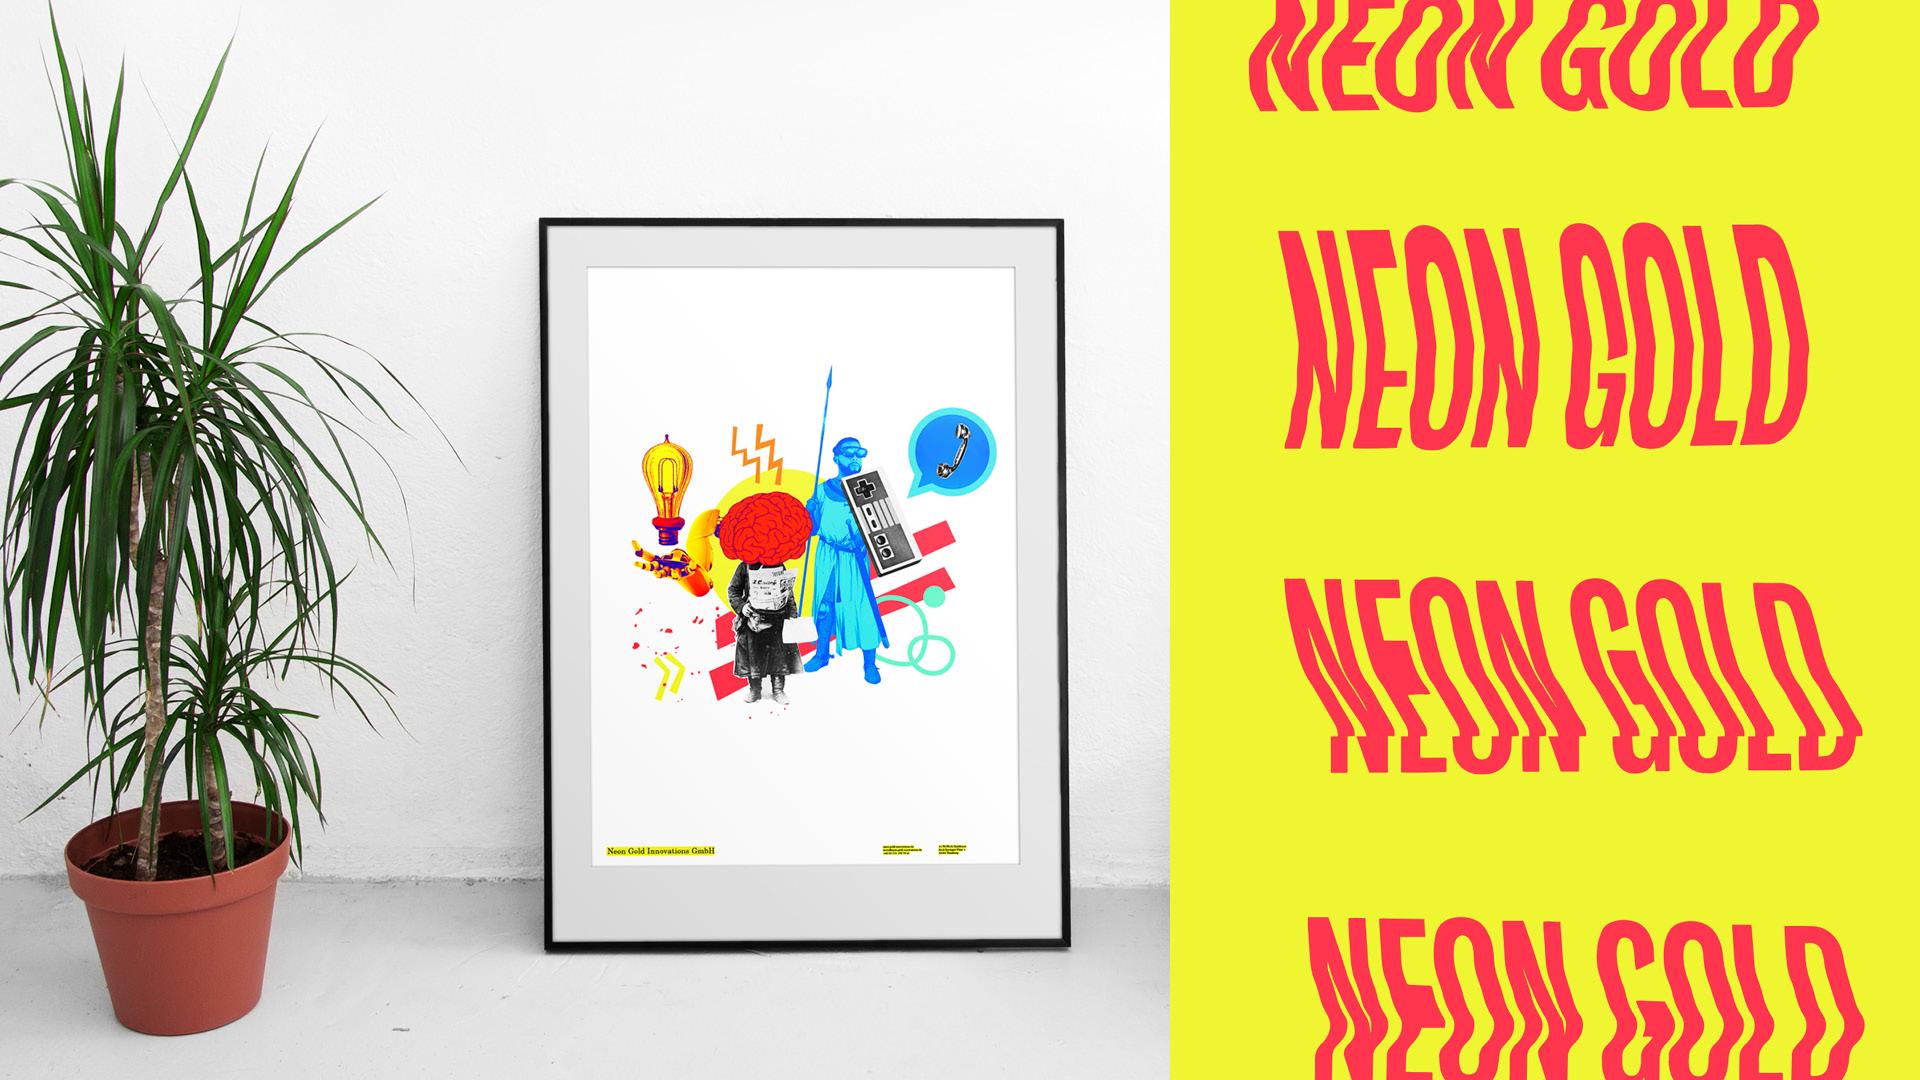 Neon Gold Innovations Logo und Collage